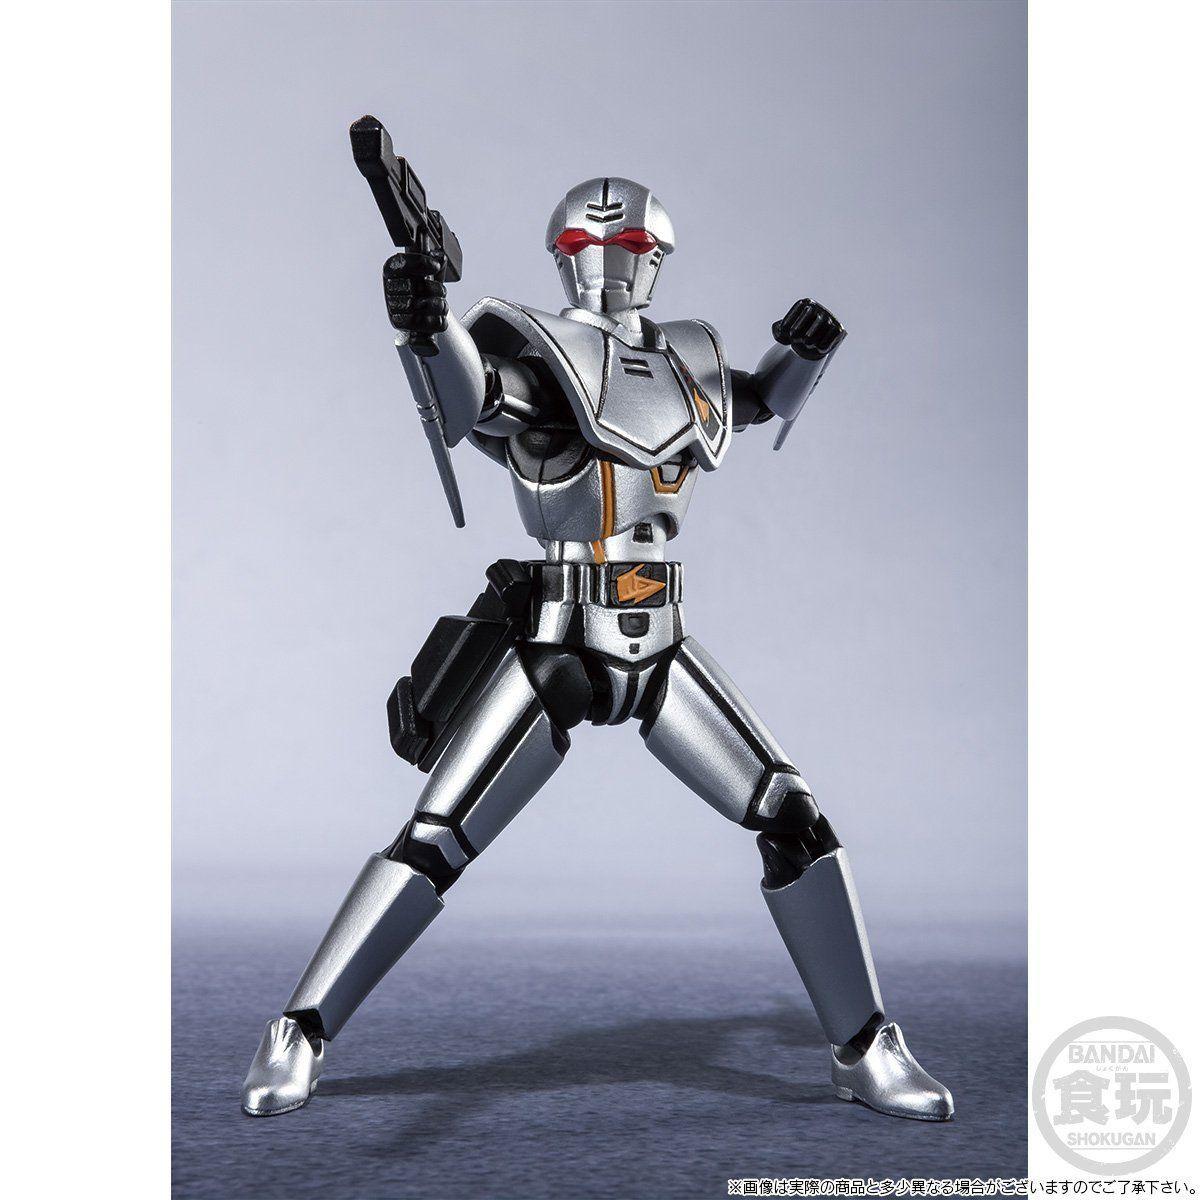 【限定販売】【食玩】SHODO SUPER『バイオハンター・シルバ』超電子バイオマン 可動フィギュア-004